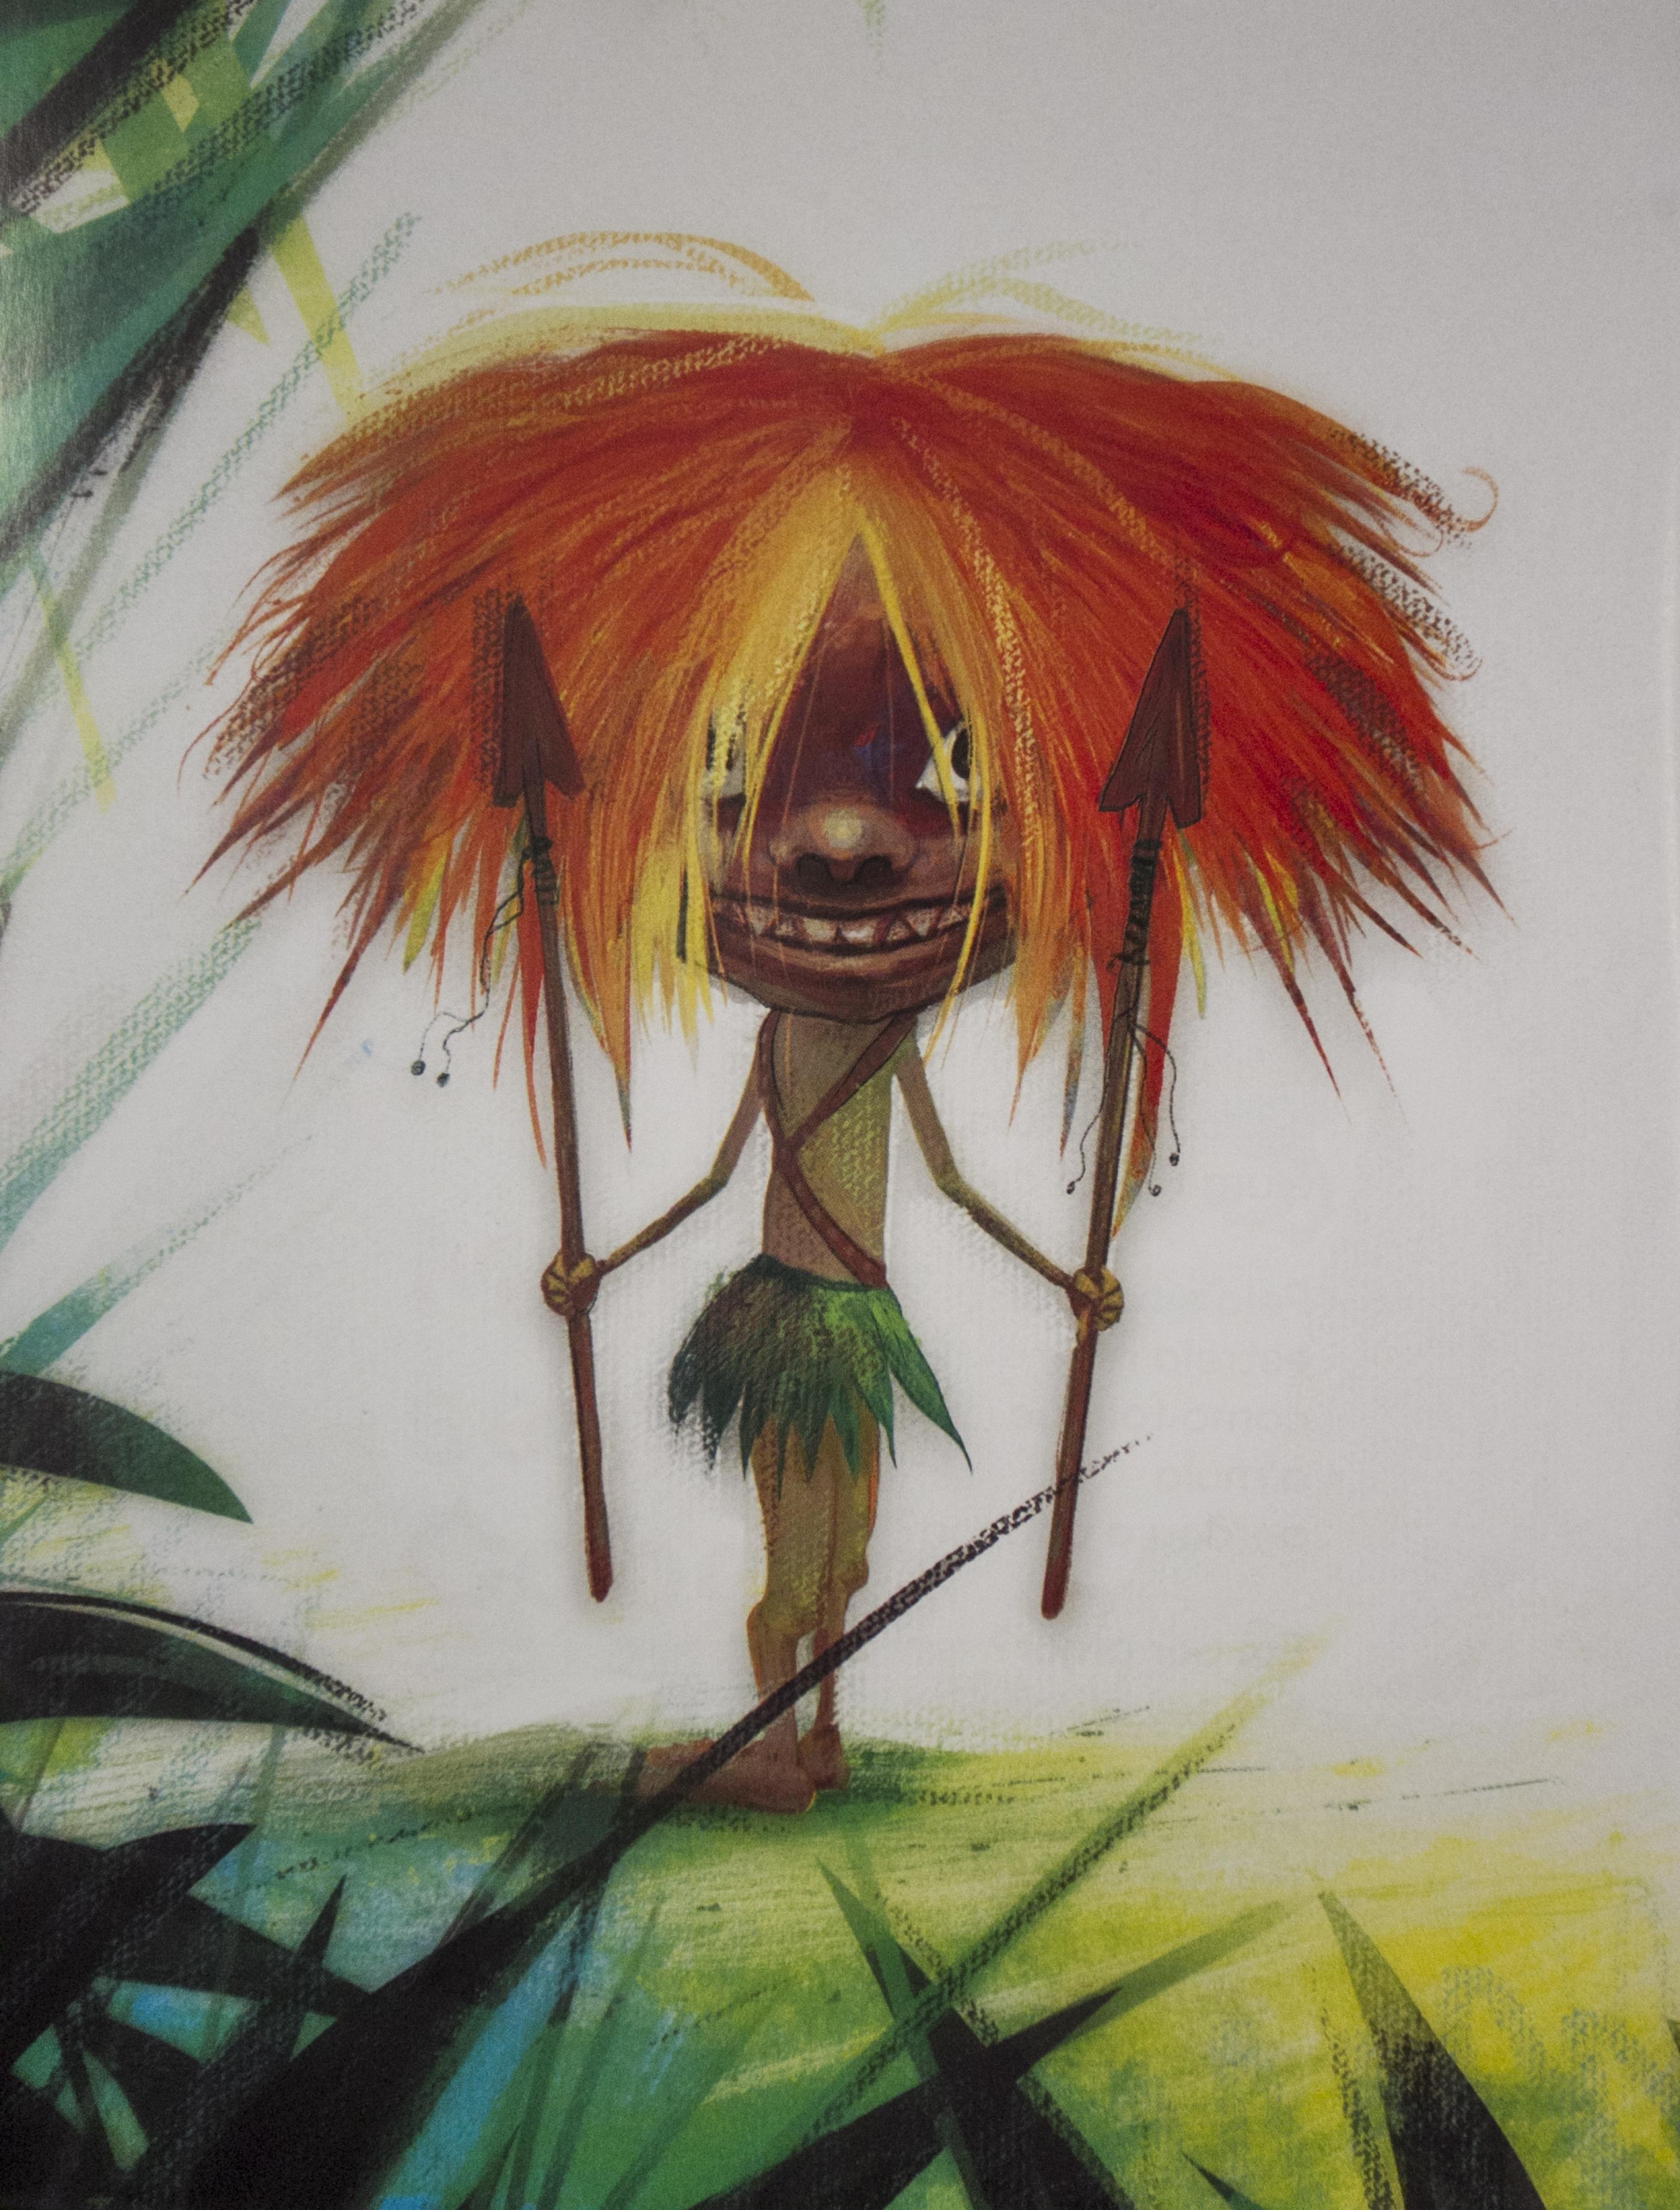 Ilustrações no livro são do artista gaúcho Dane D'Angeli - Divulgação/ND